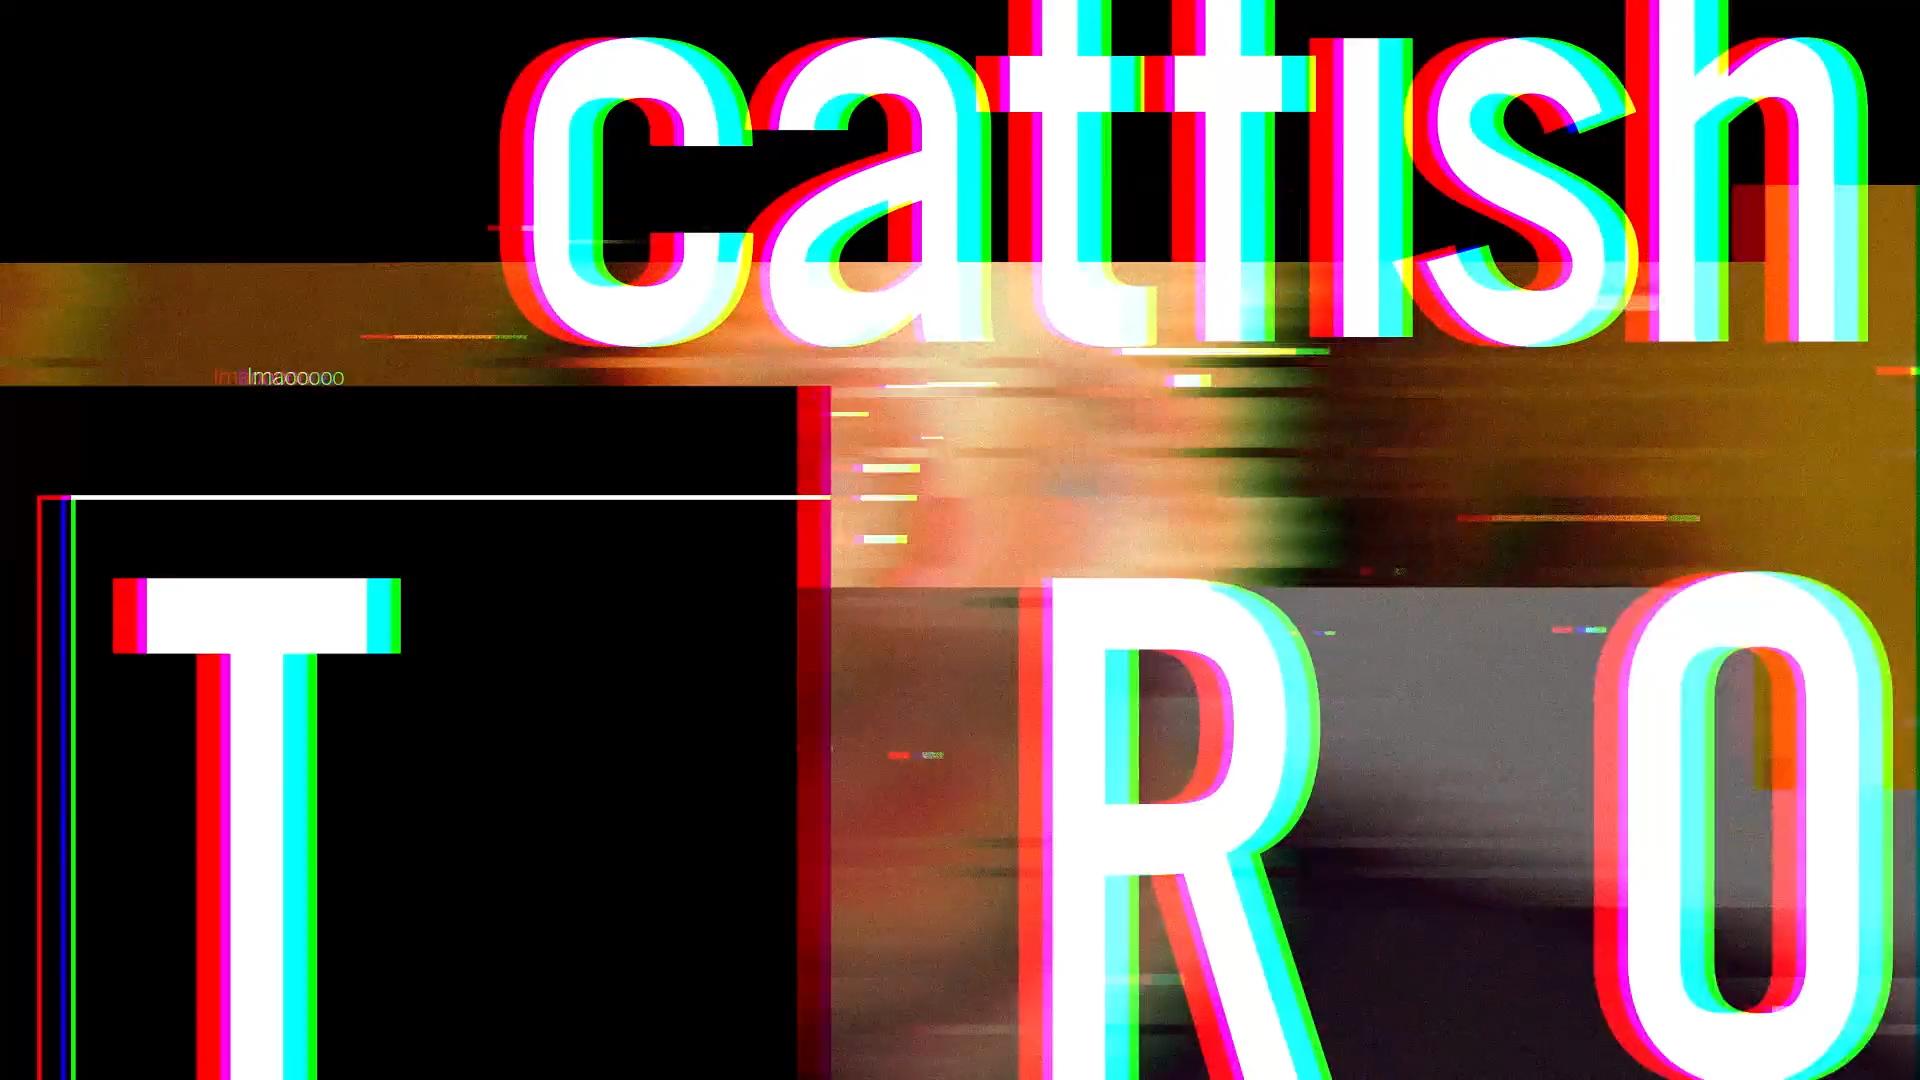 Larisa-Martin_Catfish-Trolls_03.jpg